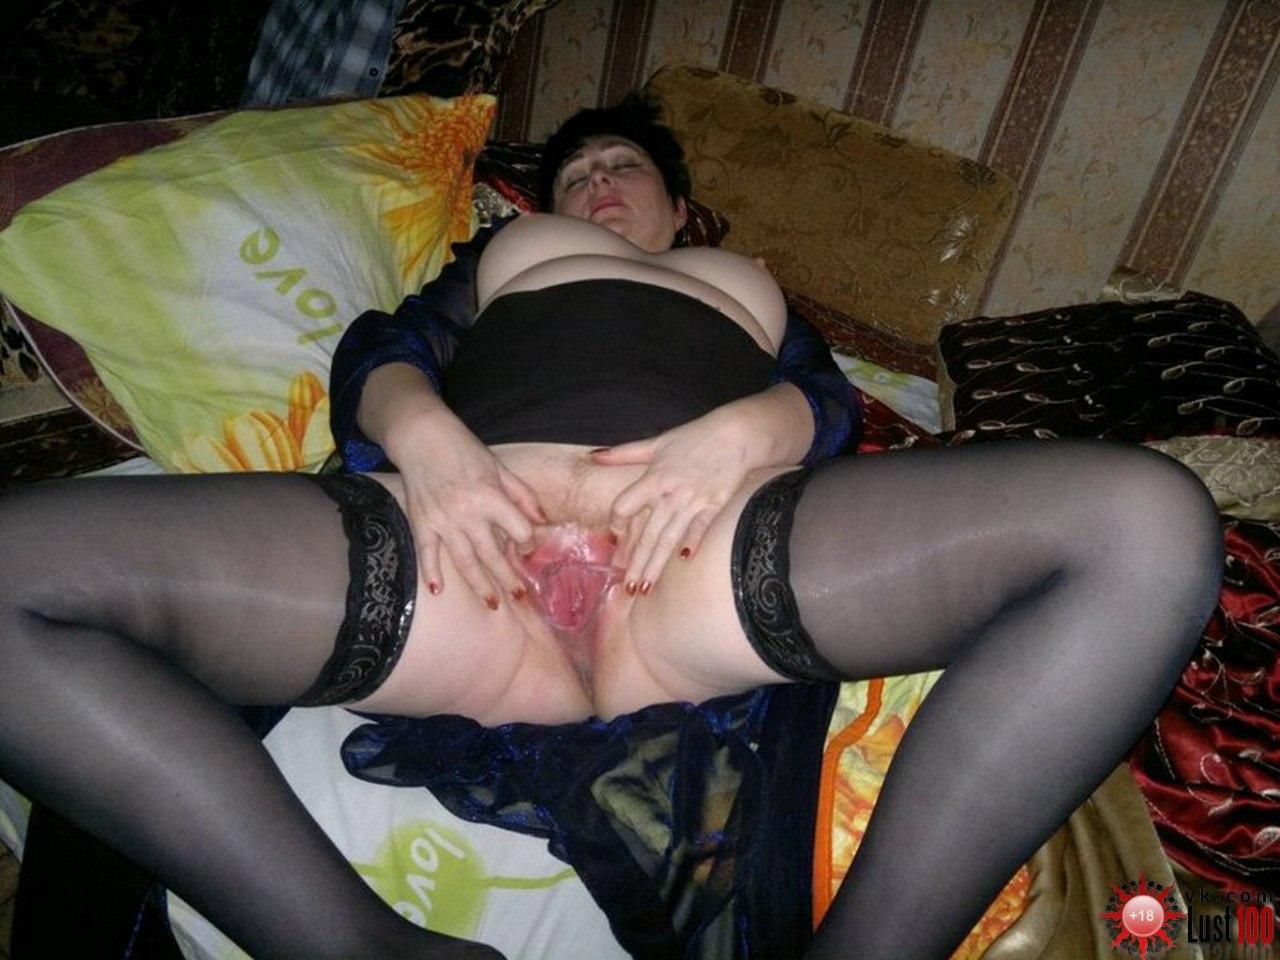 Русские мамочки порно фото бесплатно 24 фотография